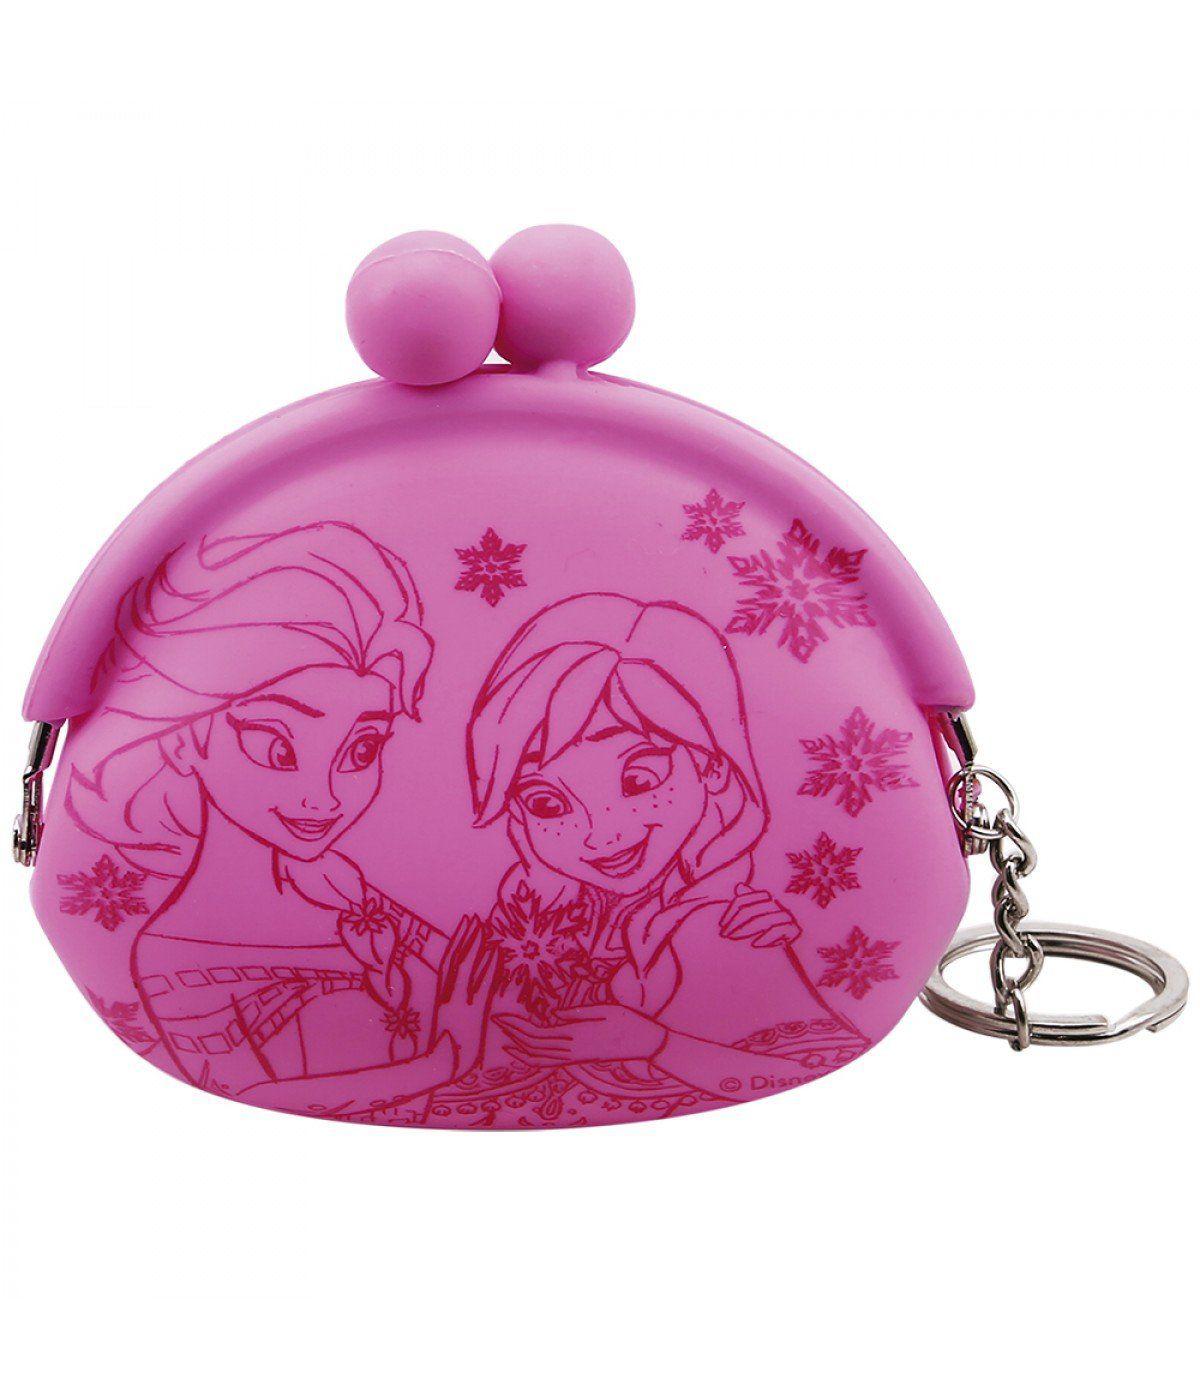 Chaveiro Porta Moeda Anna & Elsa: Frozen (Disney)